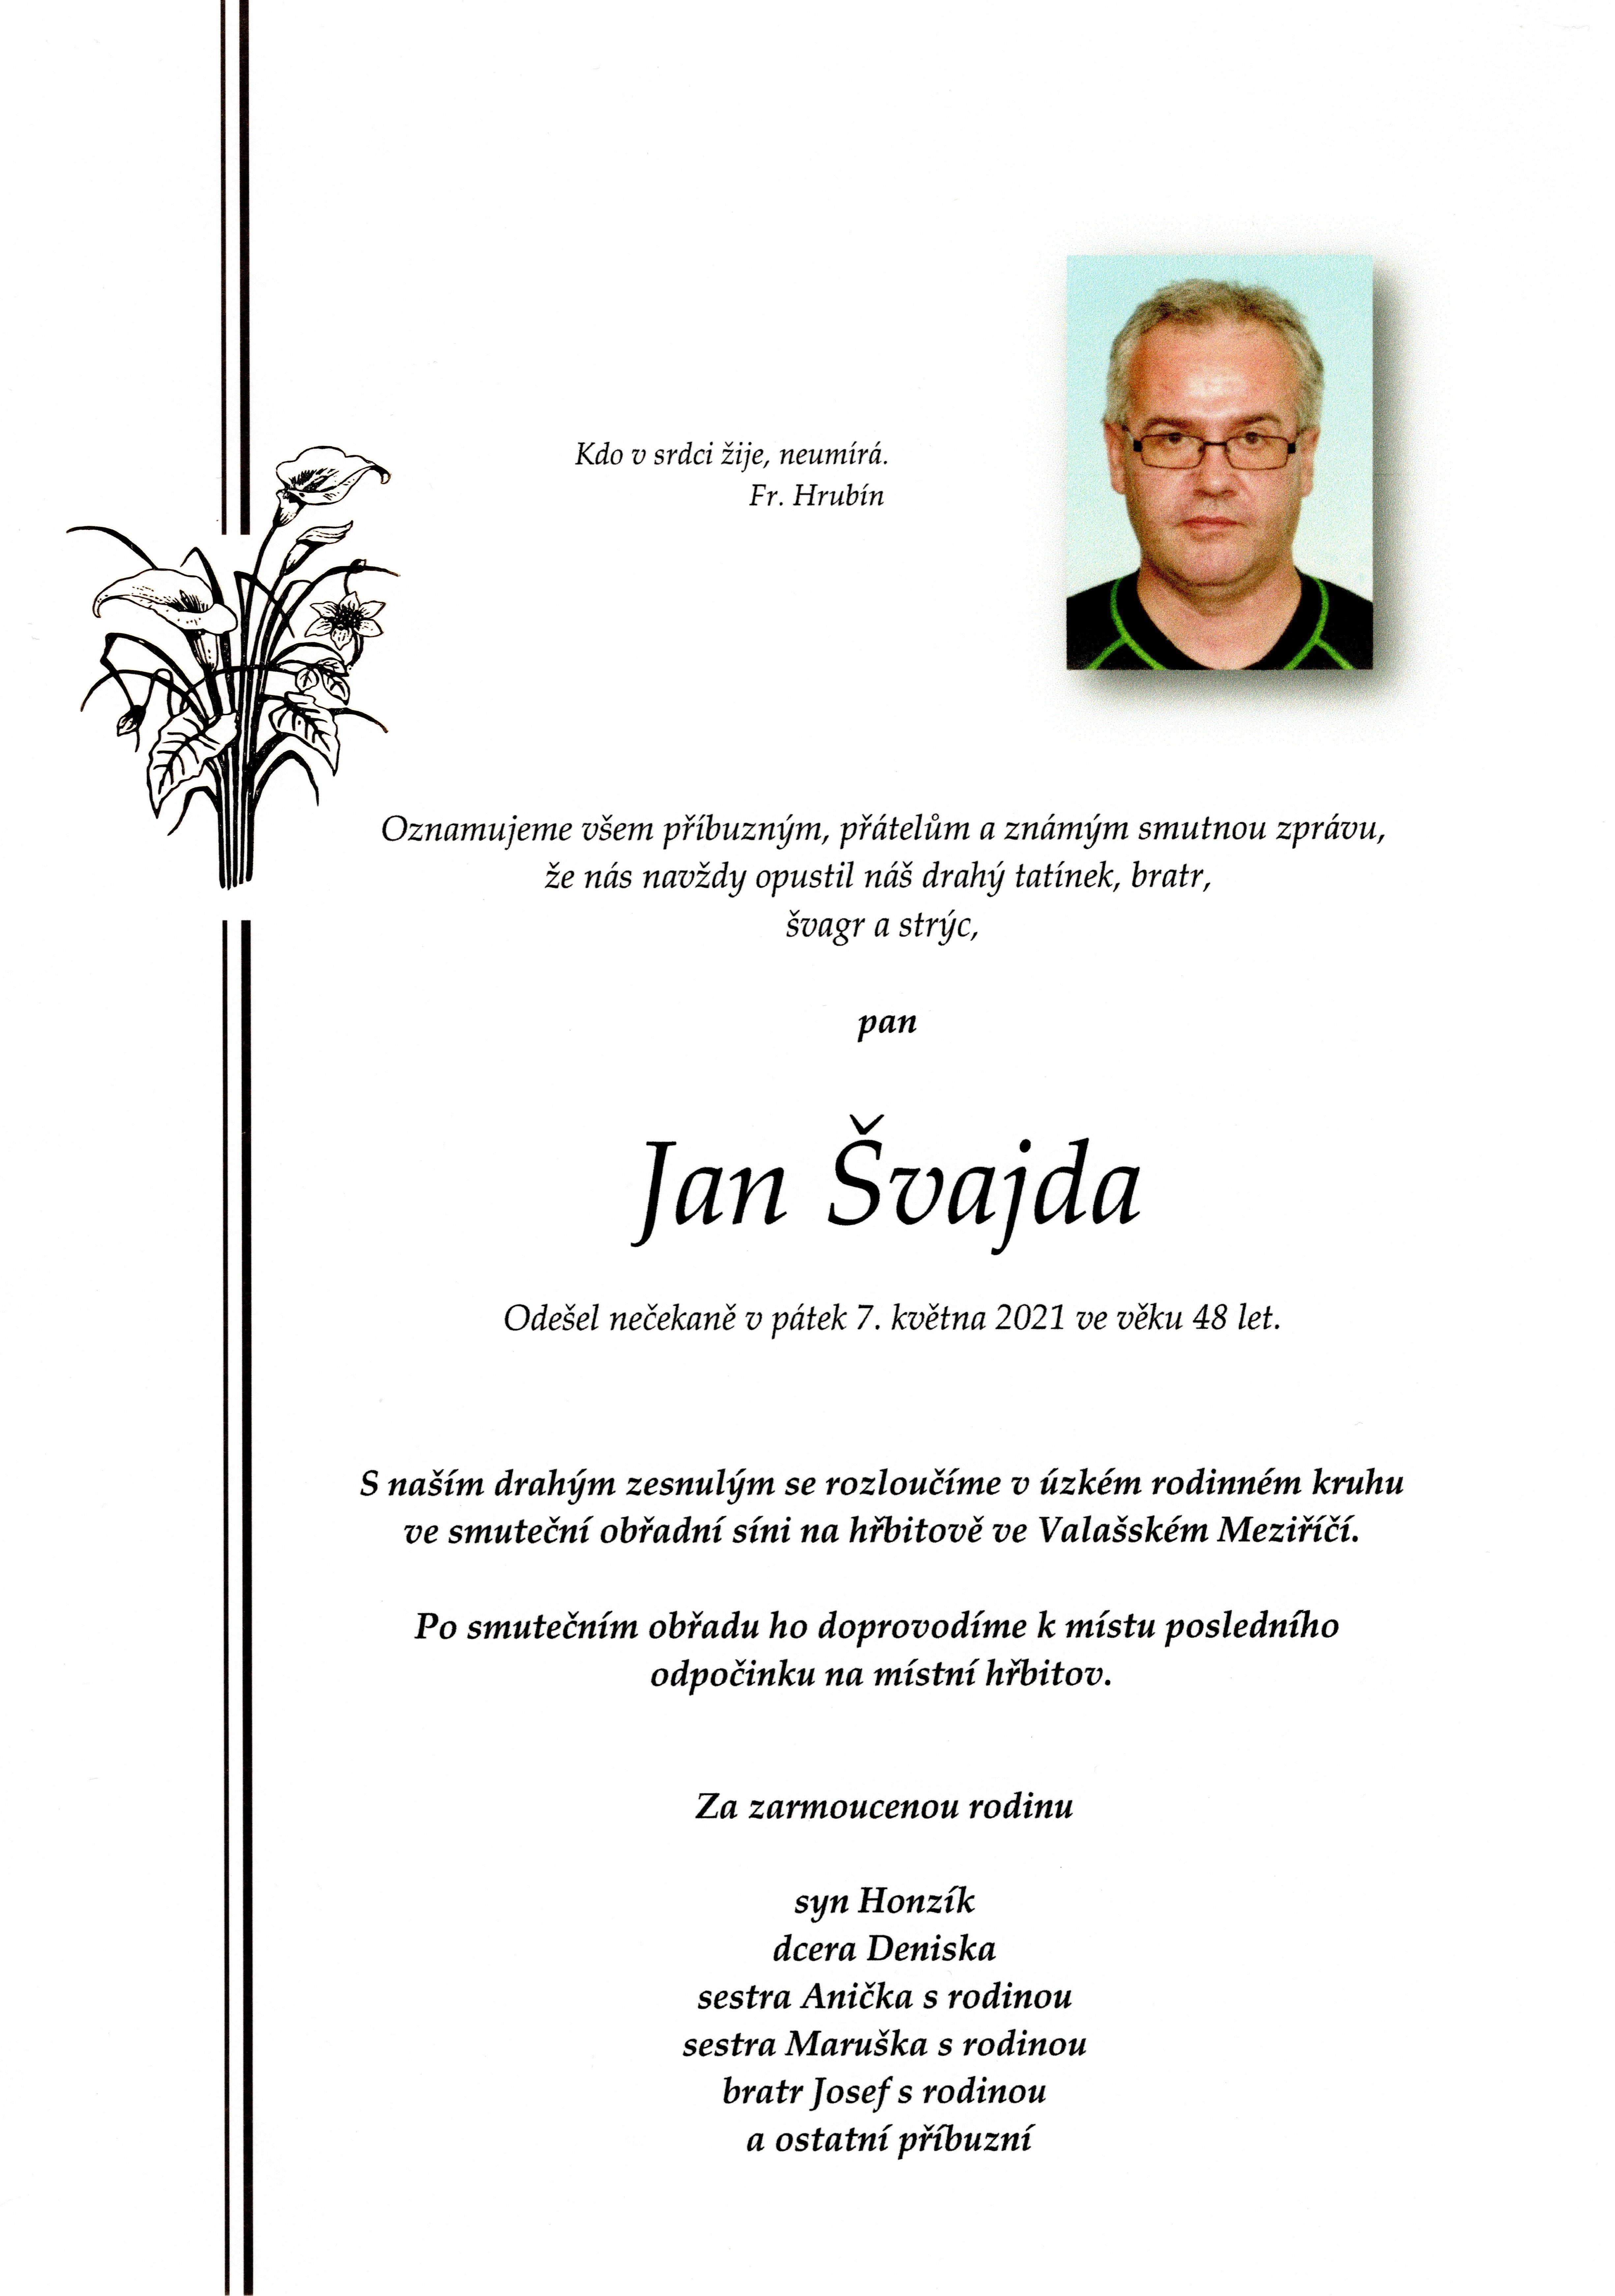 Jan Švajda